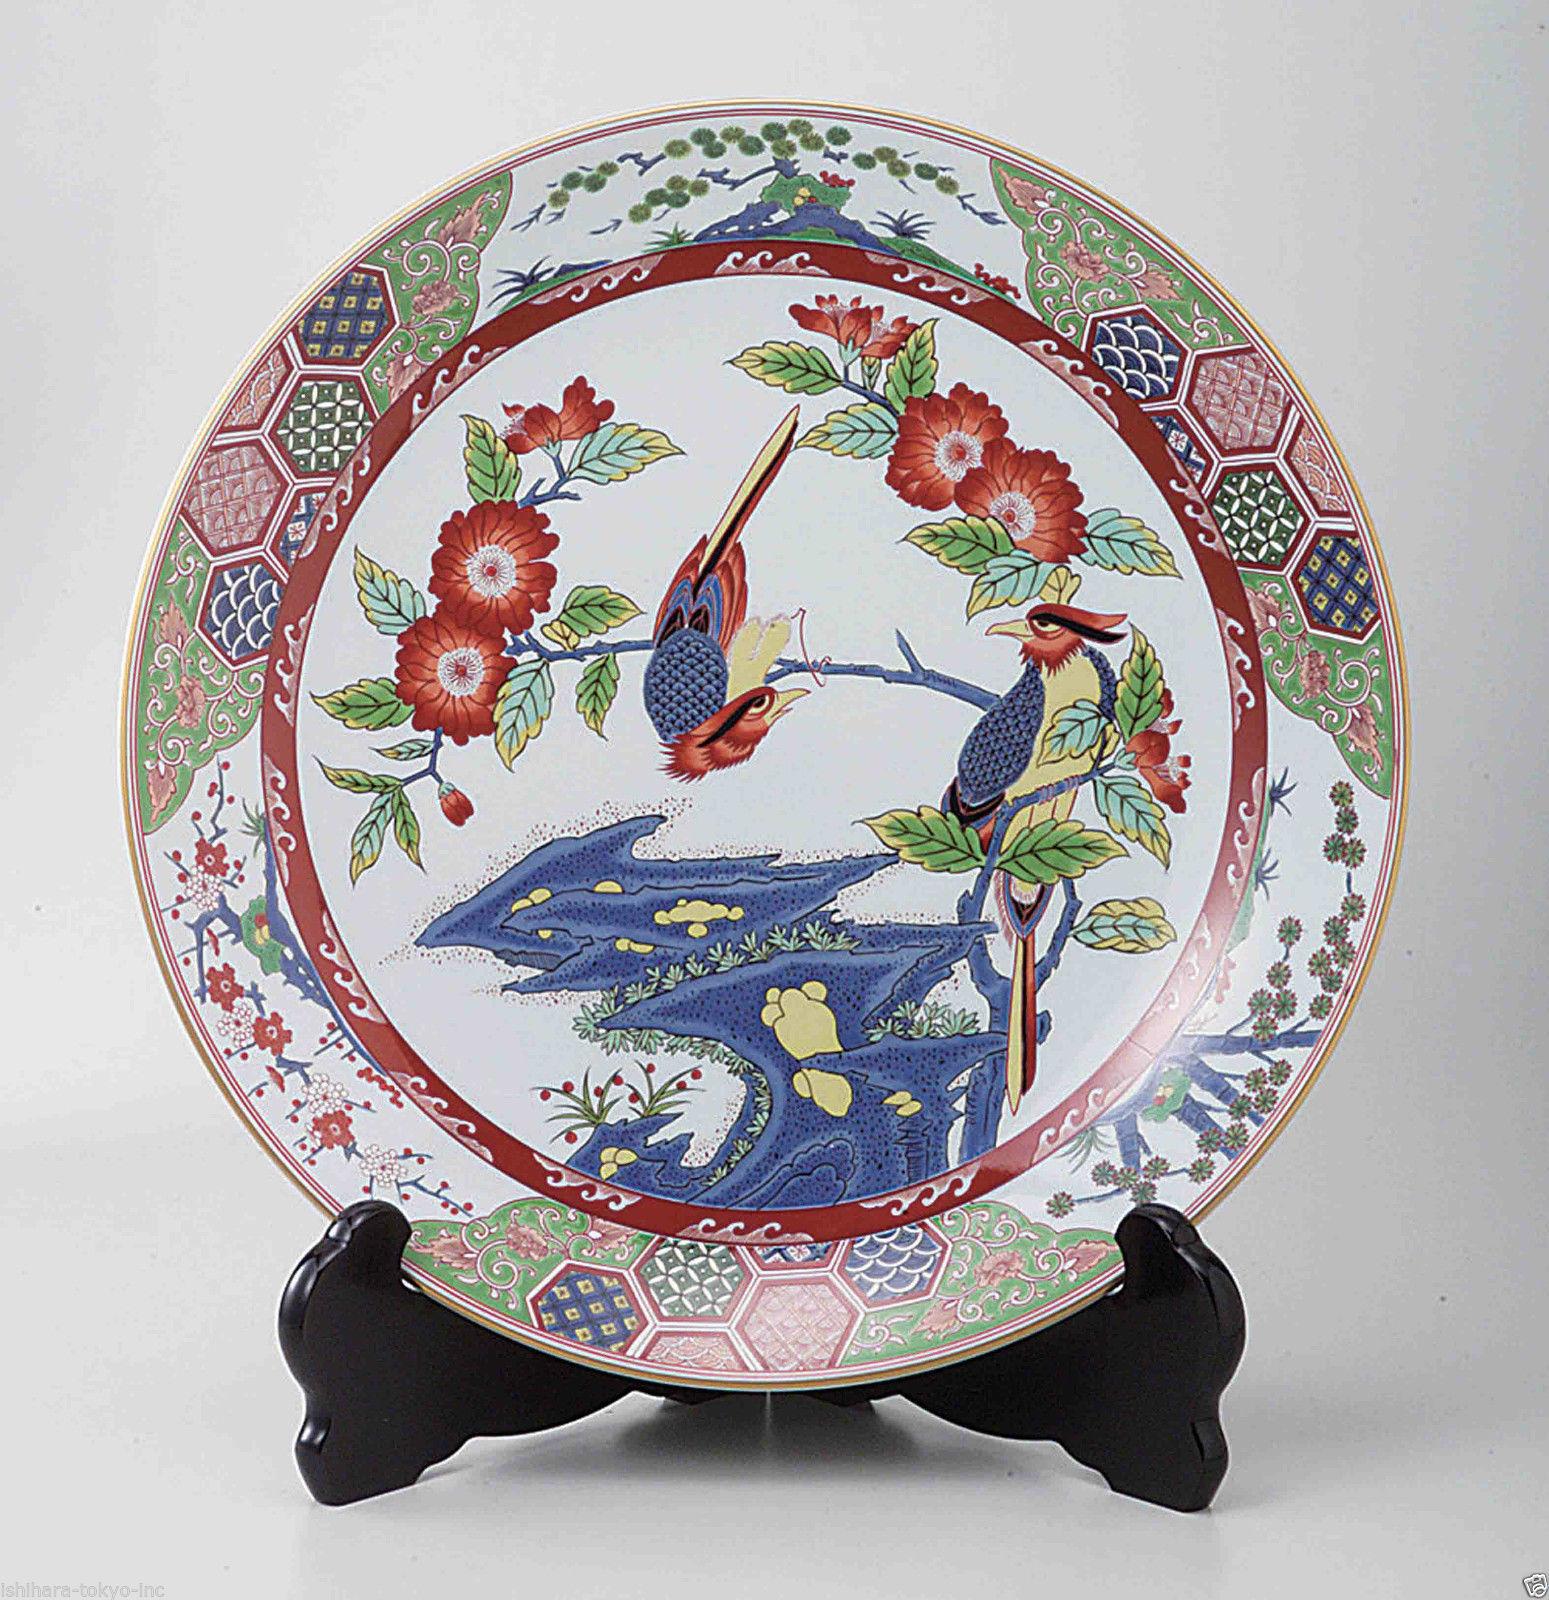 [Heritage] Arita-yaki : Bird Flower Rock 36.5 - Japanese Porcelain Plate Dish